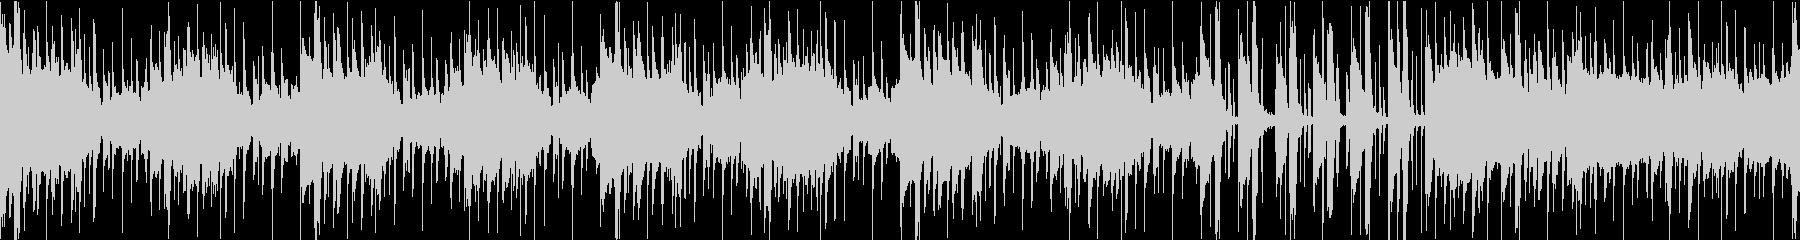 サスペンスなインスト(ループ)の未再生の波形